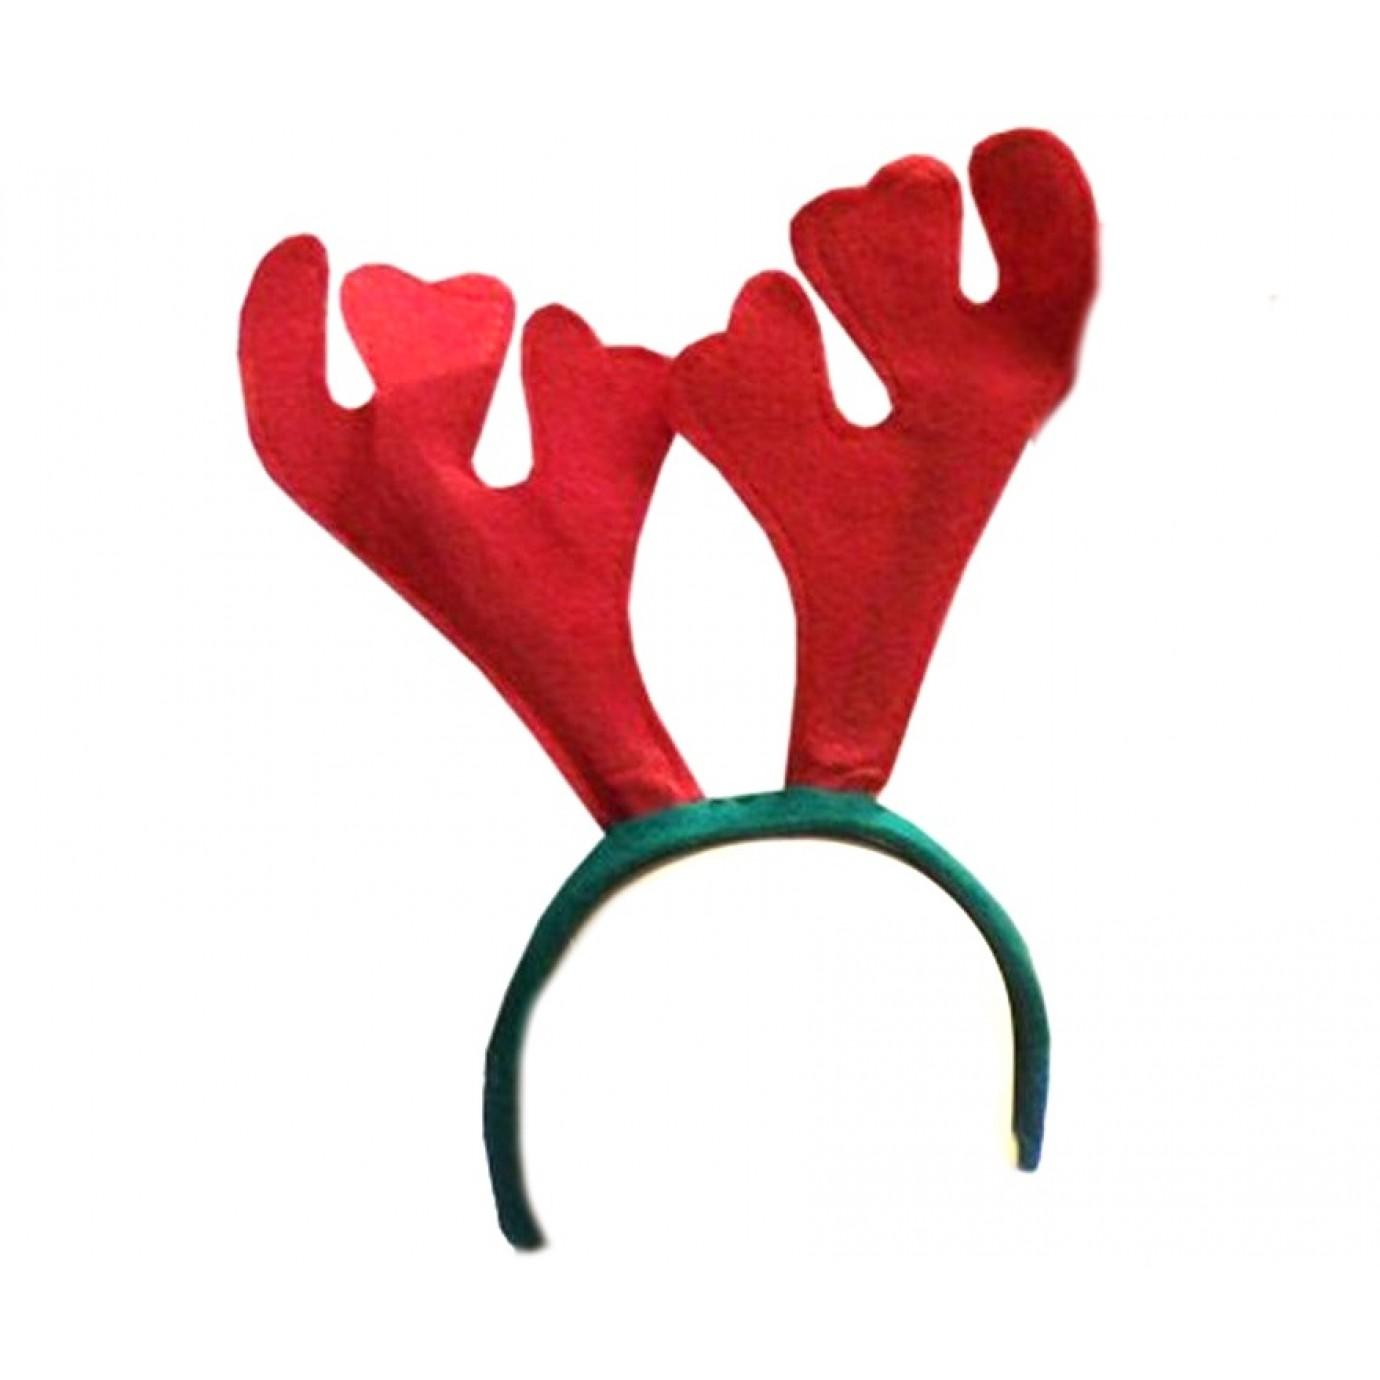 Headband clipart reindeer antler Headband  Accessories Costumes Reindeer